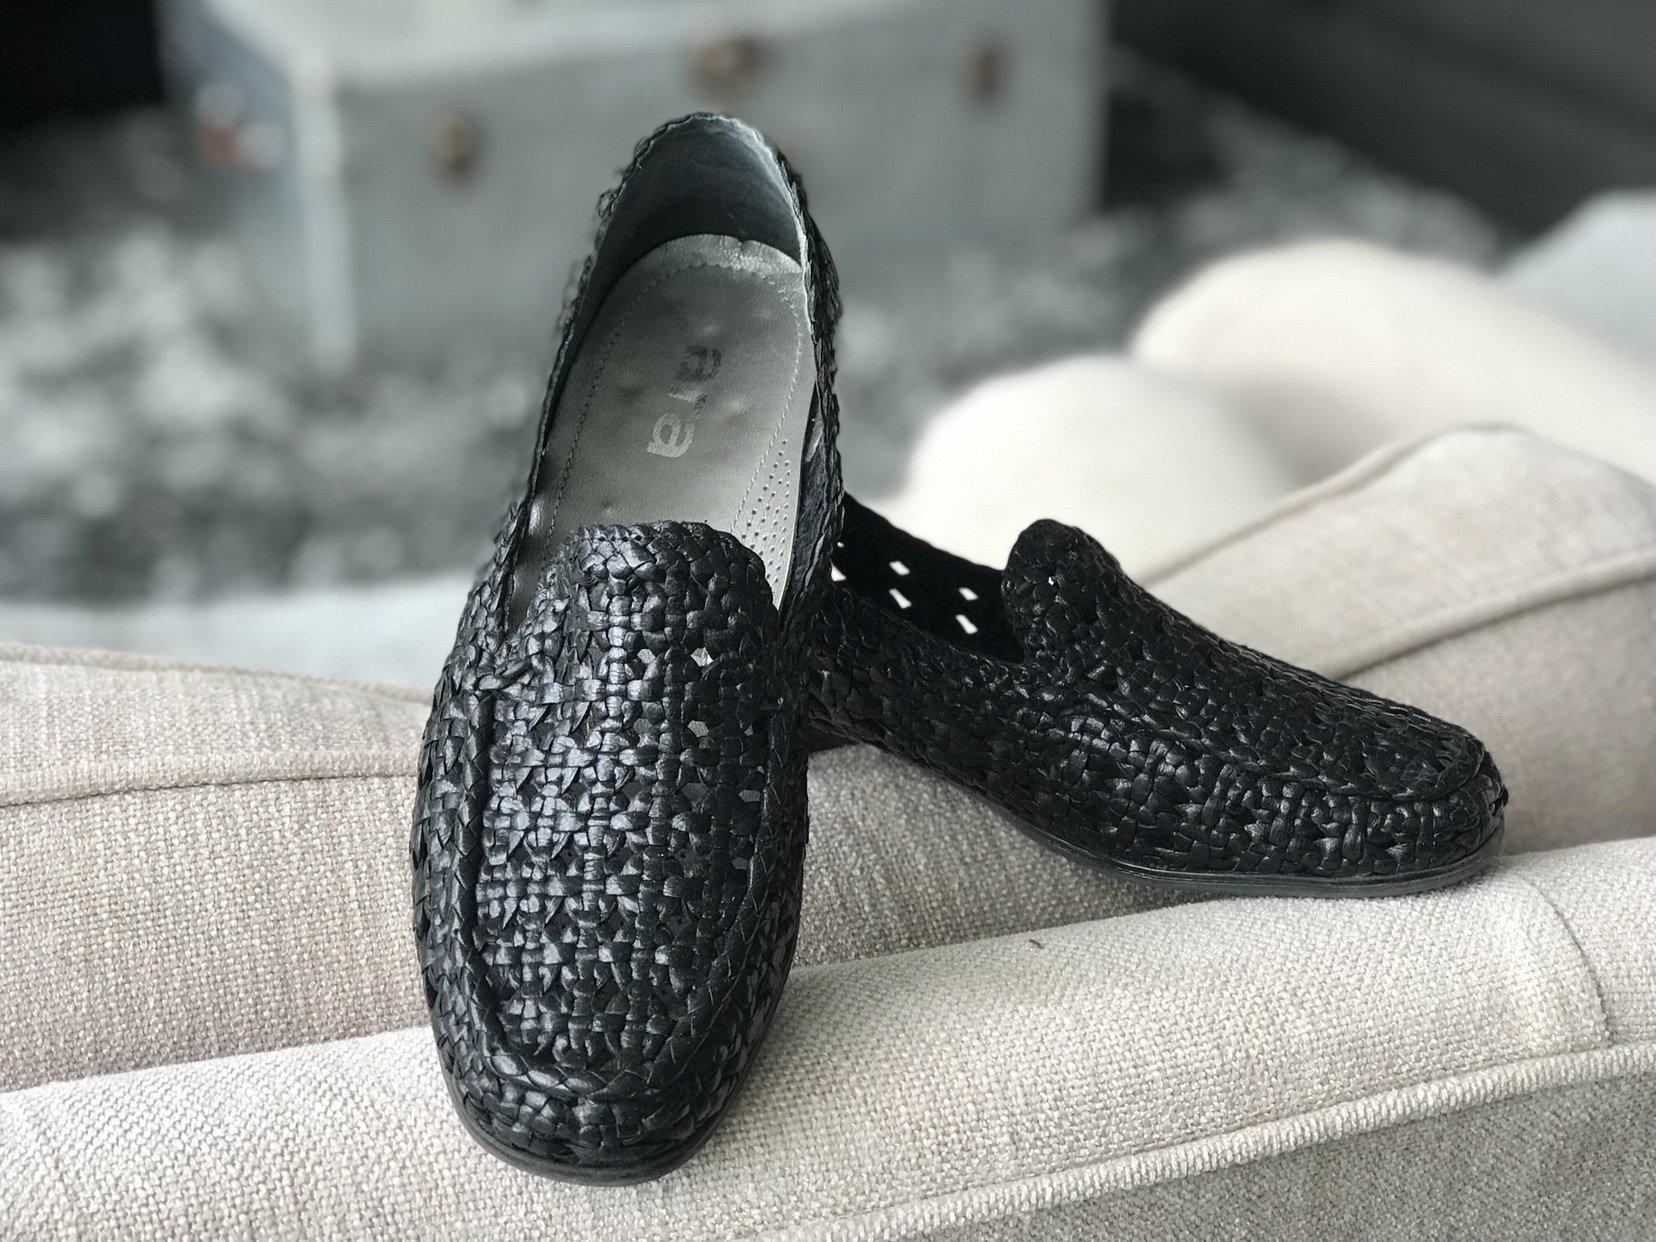 ded9d11fdb8 Underbara skor Från ARA, äkta skinn. (354163557) ᐈ Köp på Tradera